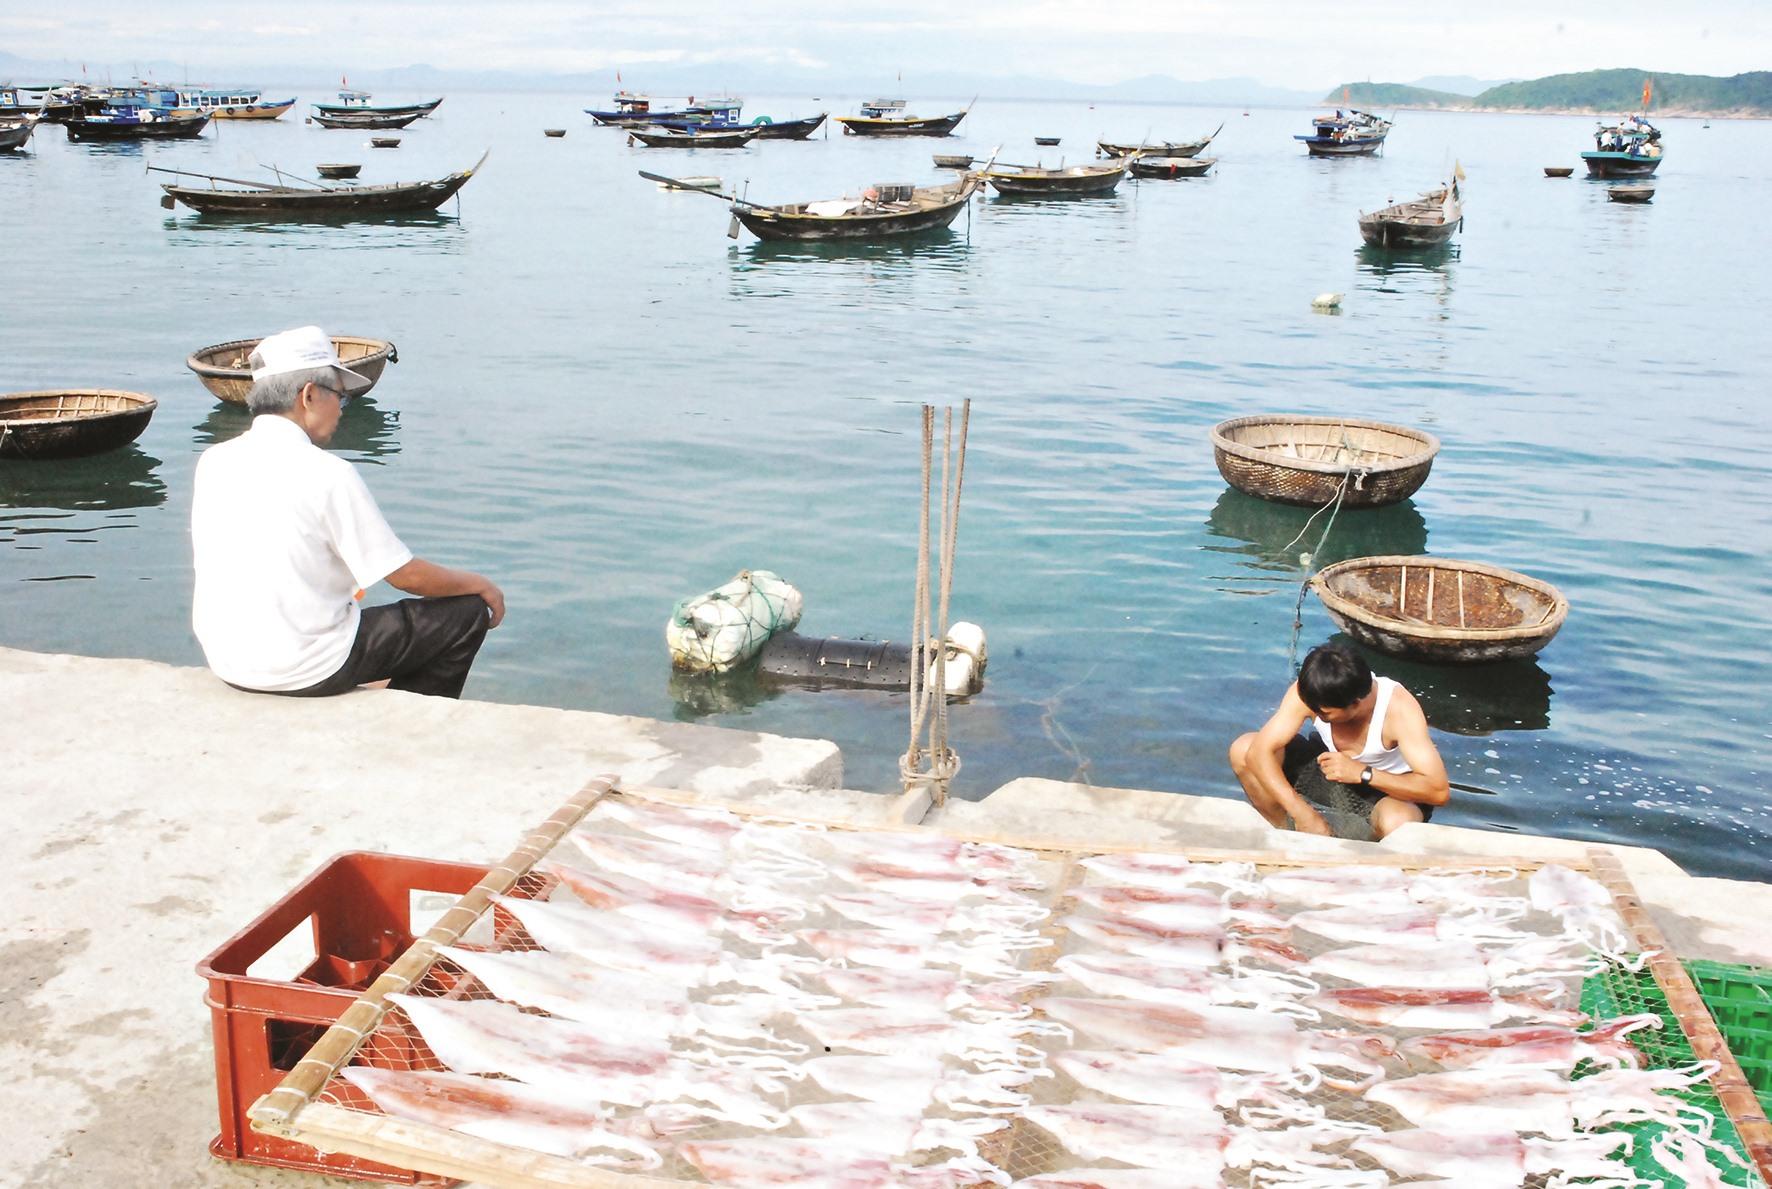 Đánh bắt khai thác đa nghề trên đảo tạo thu nhập ổn định.